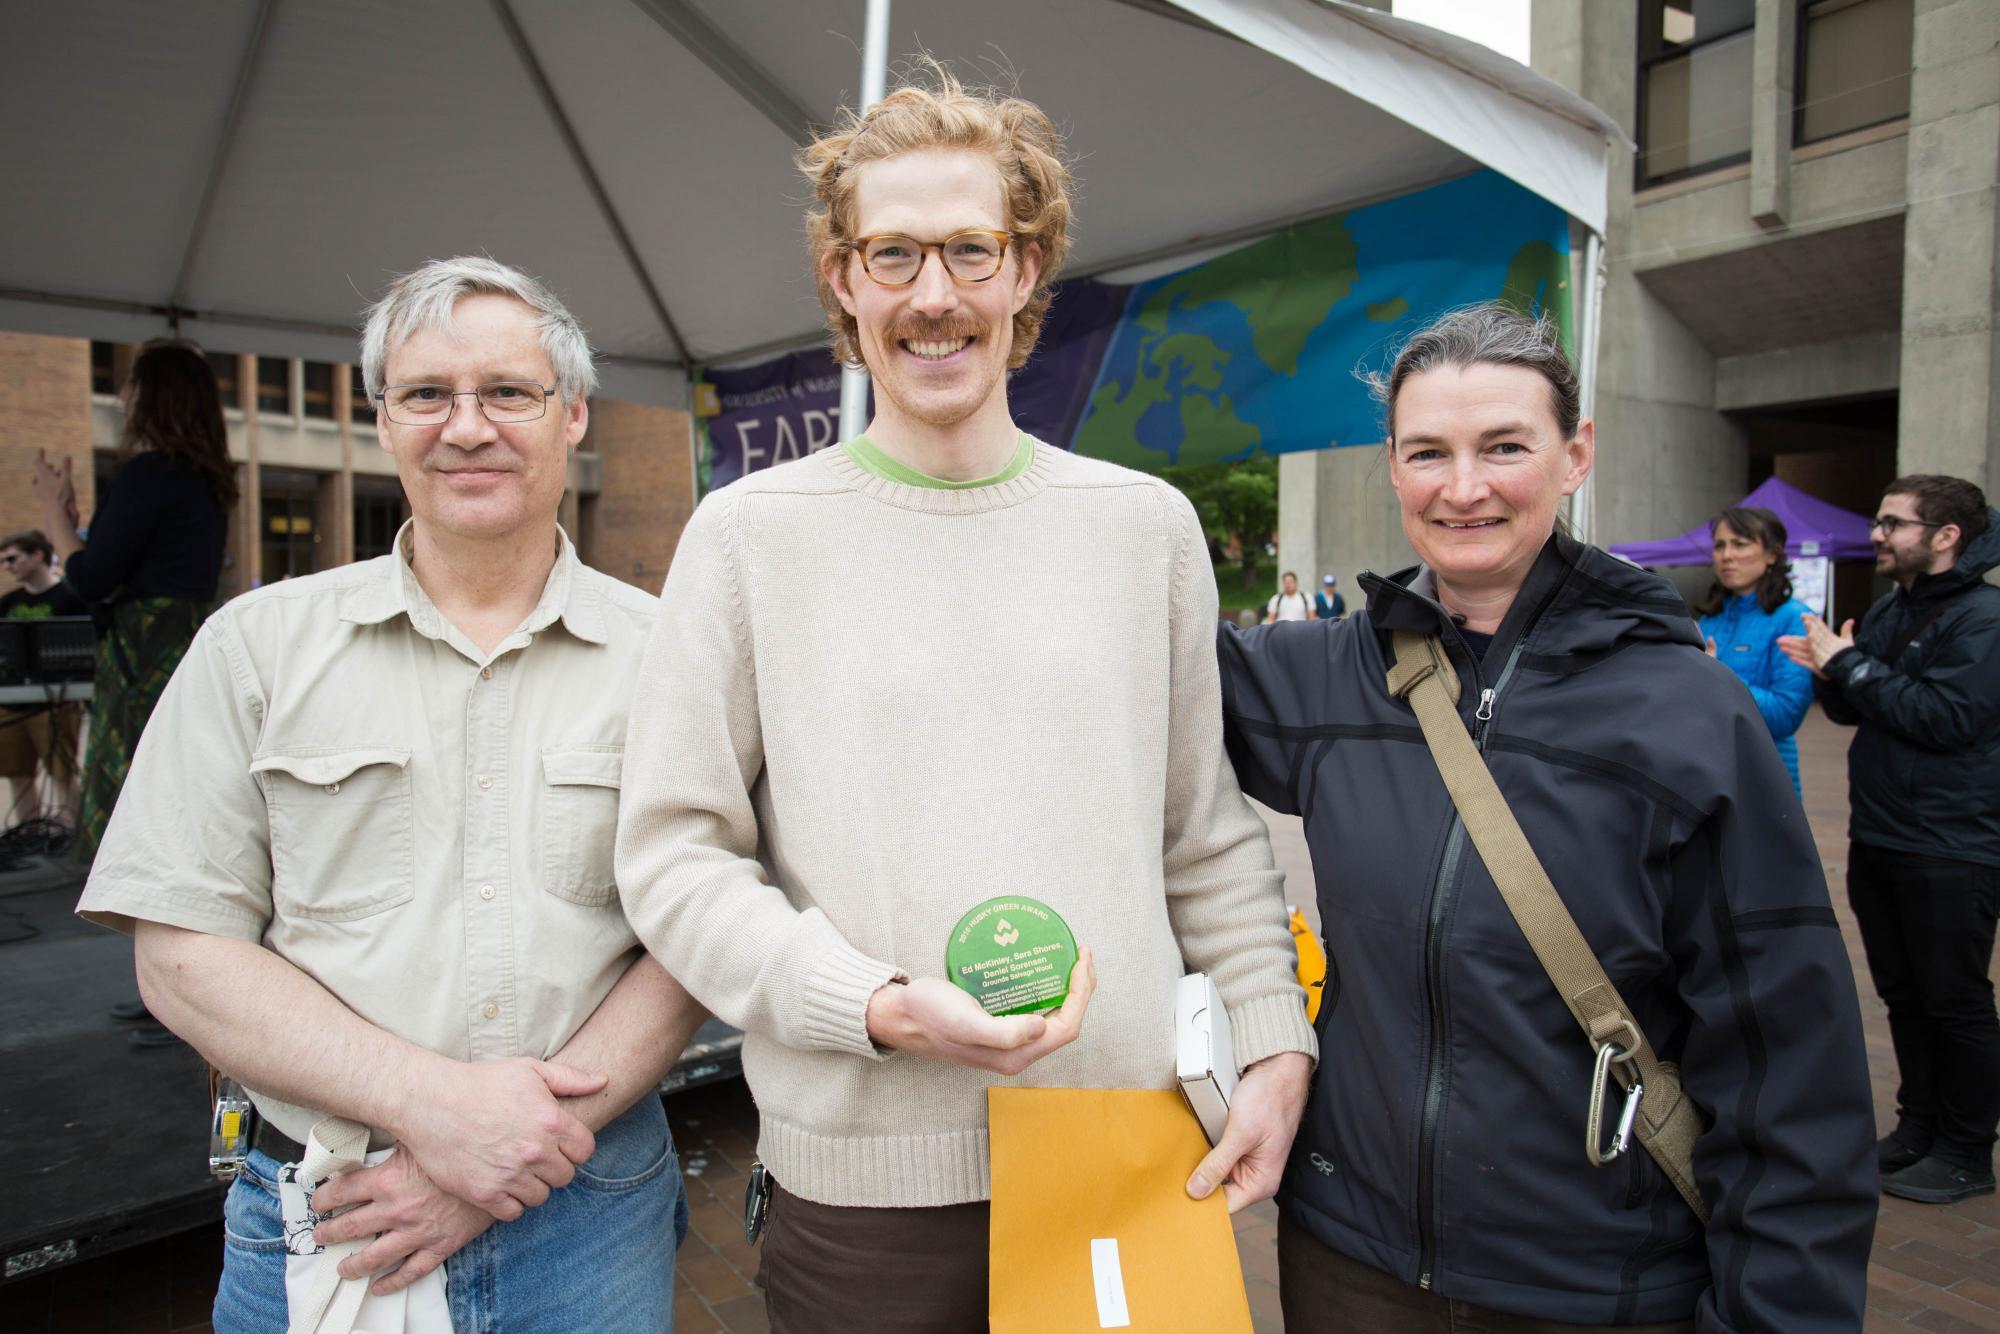 Ed McKinley, Daniel Sorensen, and Sara Shores received a Husky Green Award